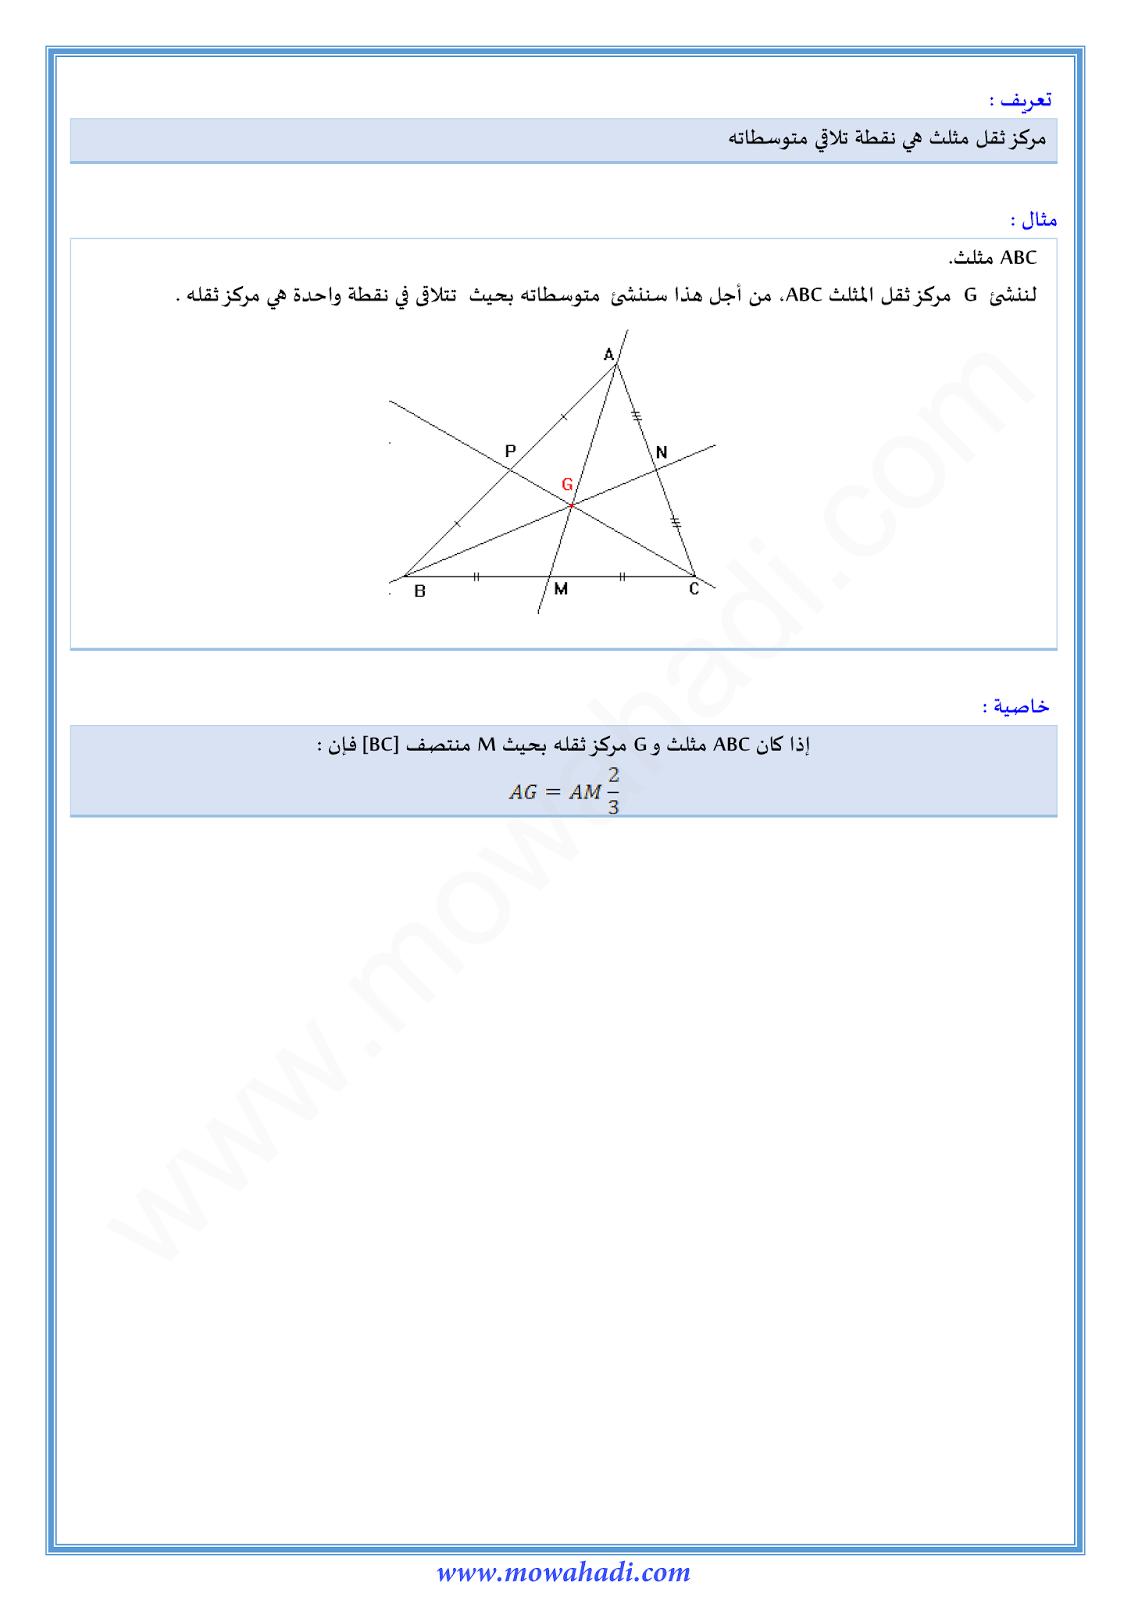 المستقيمات الهامة في مثلثفي الرياضيات